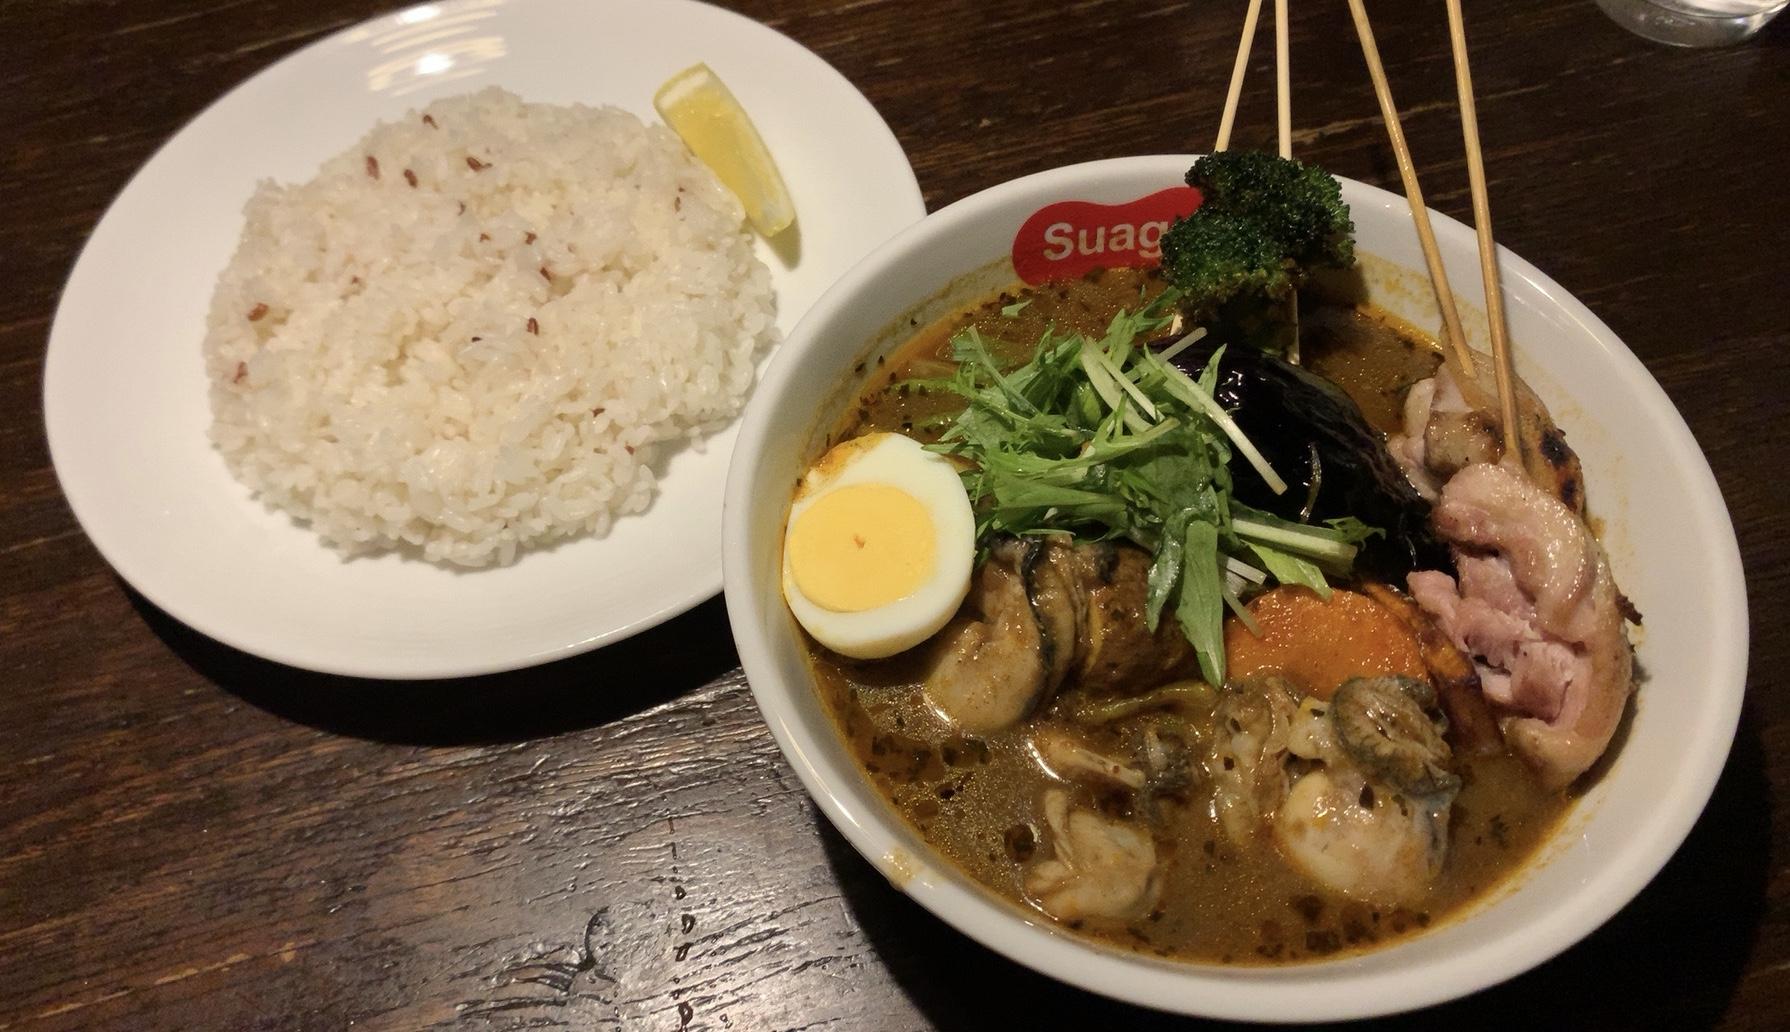 札幌・中央区 スープカリー スアゲ プラス 本店